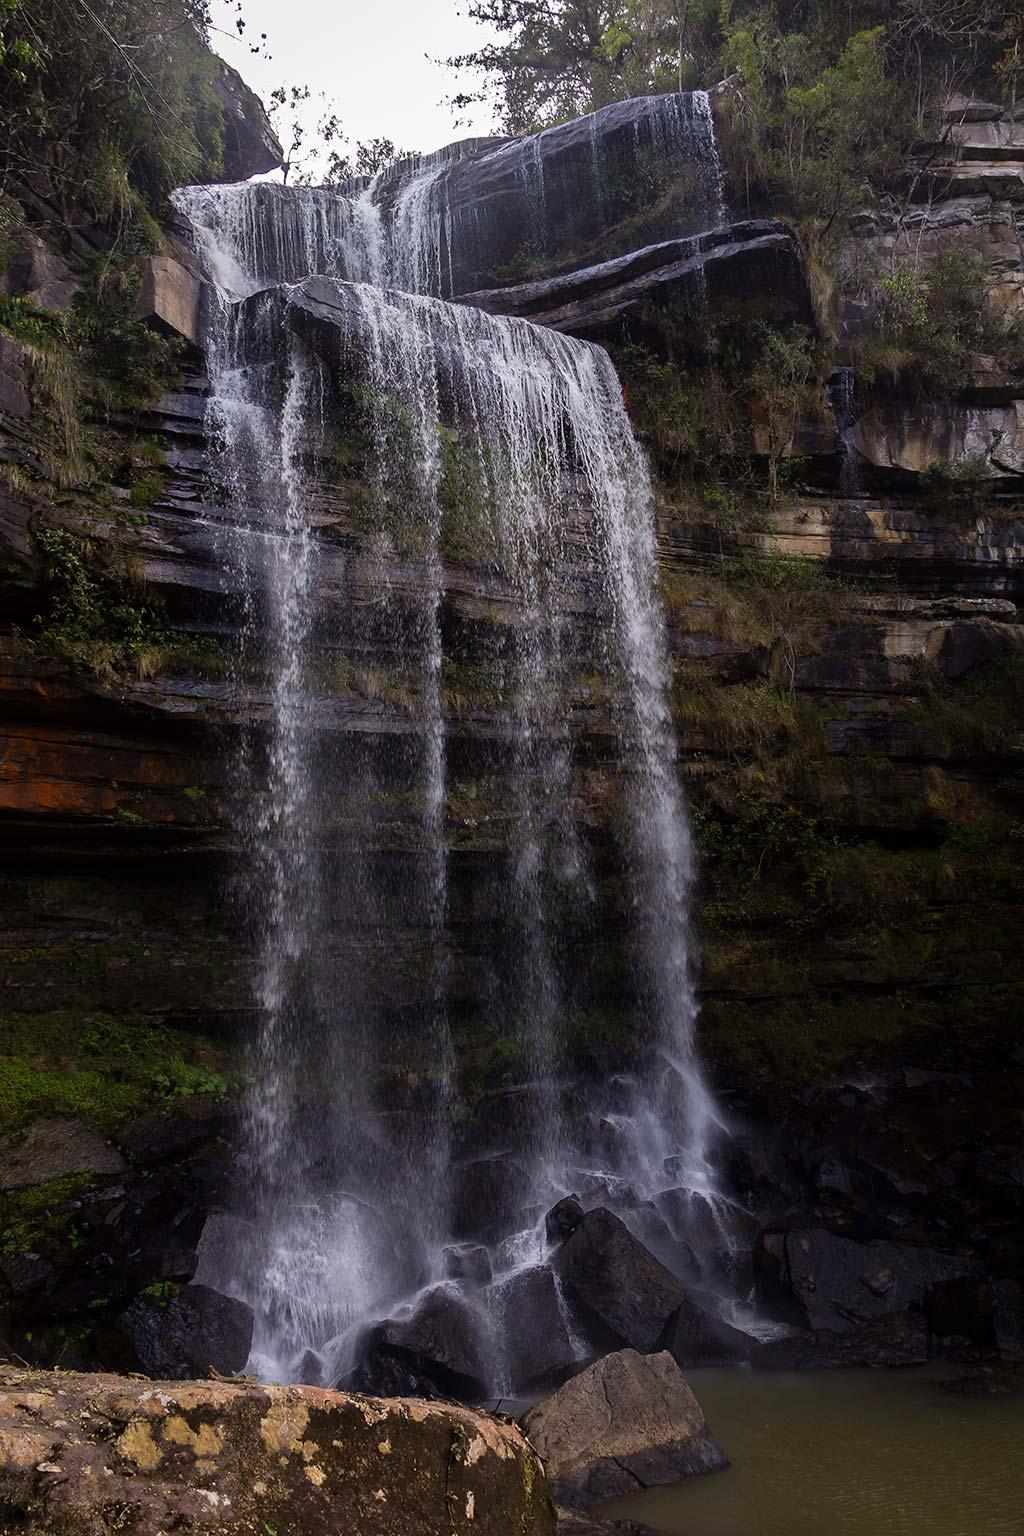 Circuito Vale Europeu - Dia 3 - Rio dos Cedros - Cachoeira Gruta do Índio vista de baixo